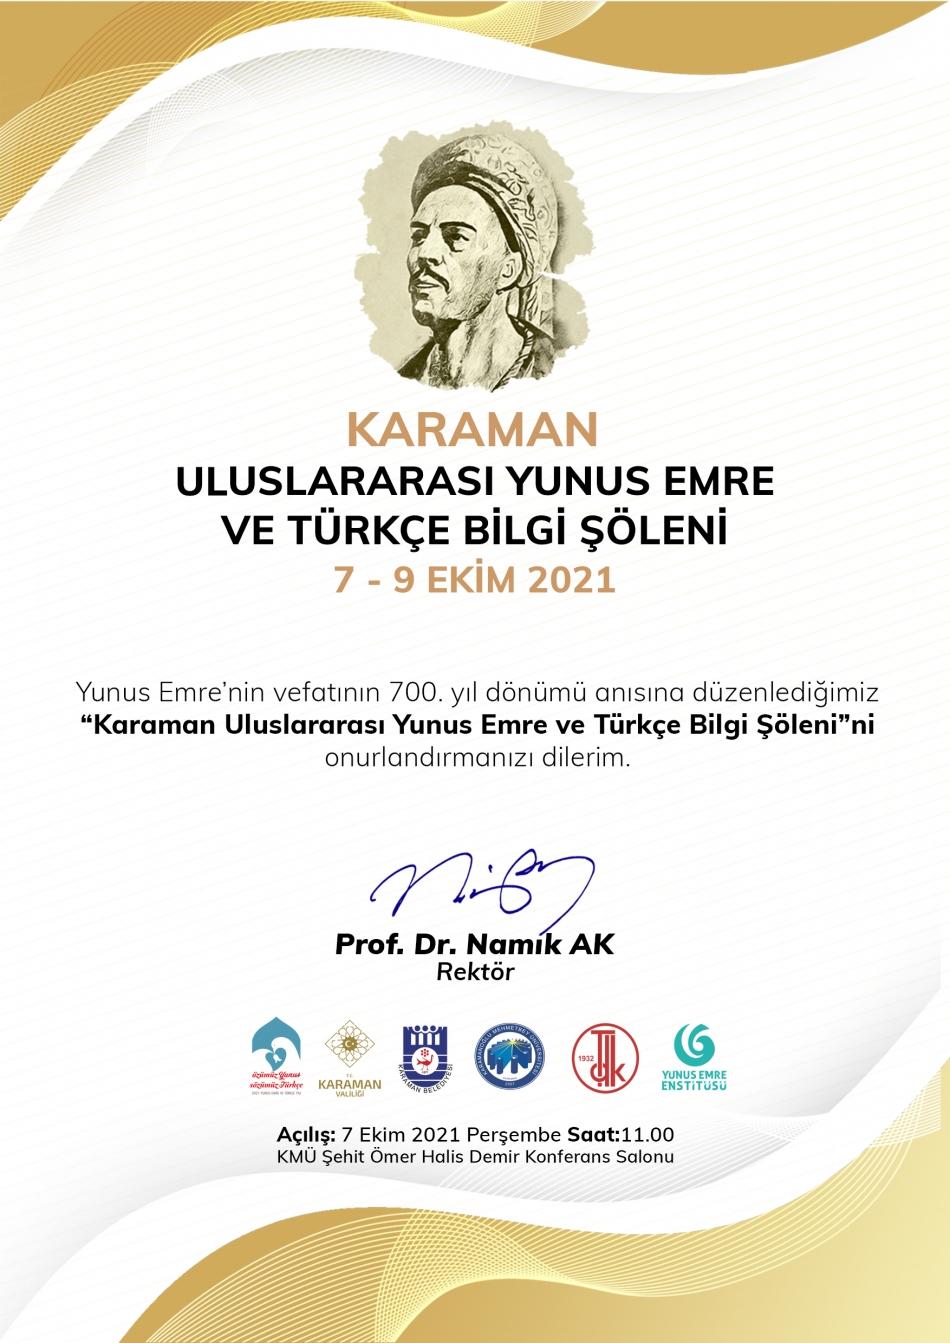 2021/10/1633585918_karaman_uluslararasi_yunus_emre_ve_turkce_bilgi_Soleni.jpg